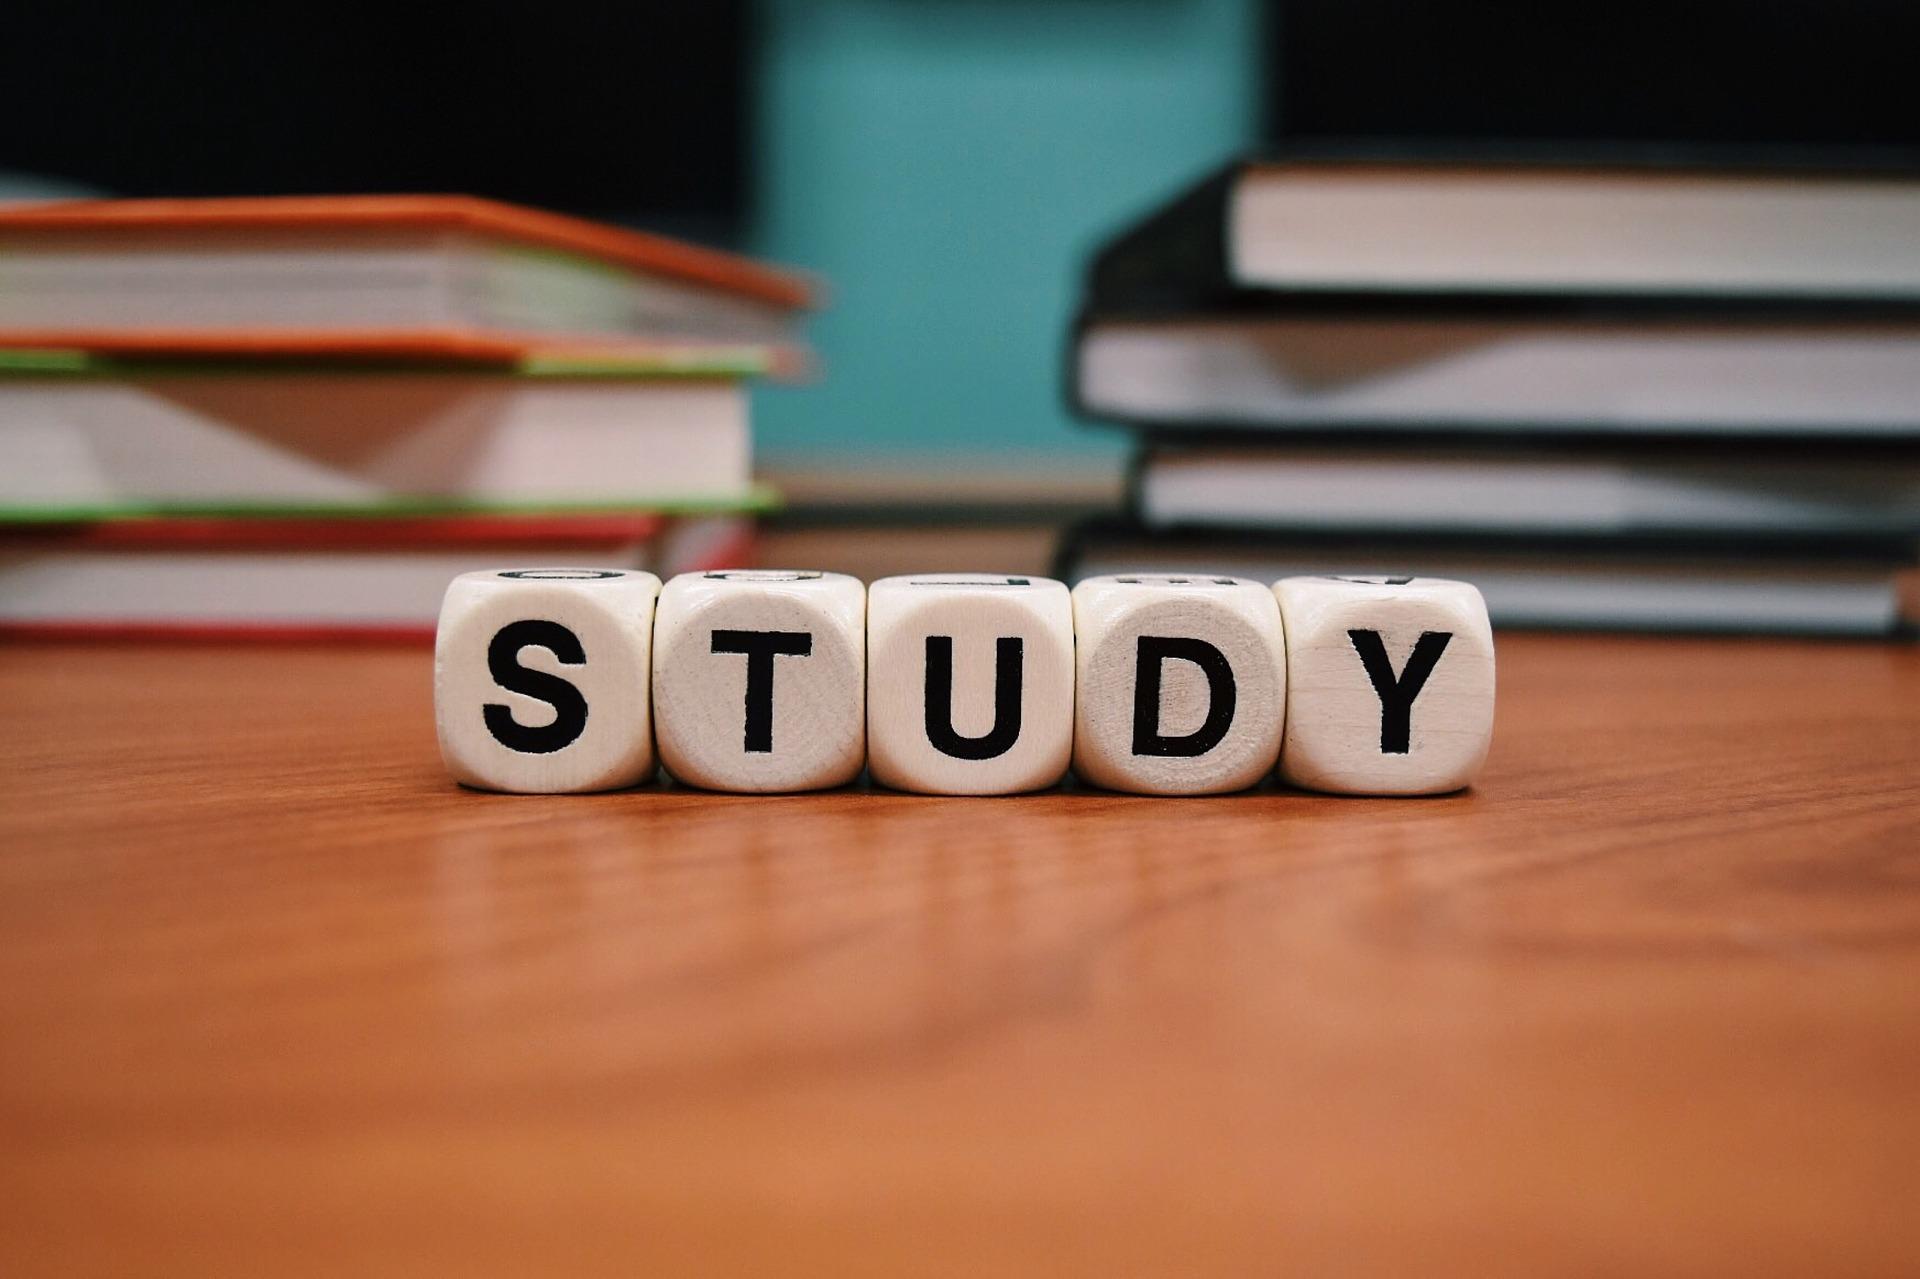 STUDYの写真